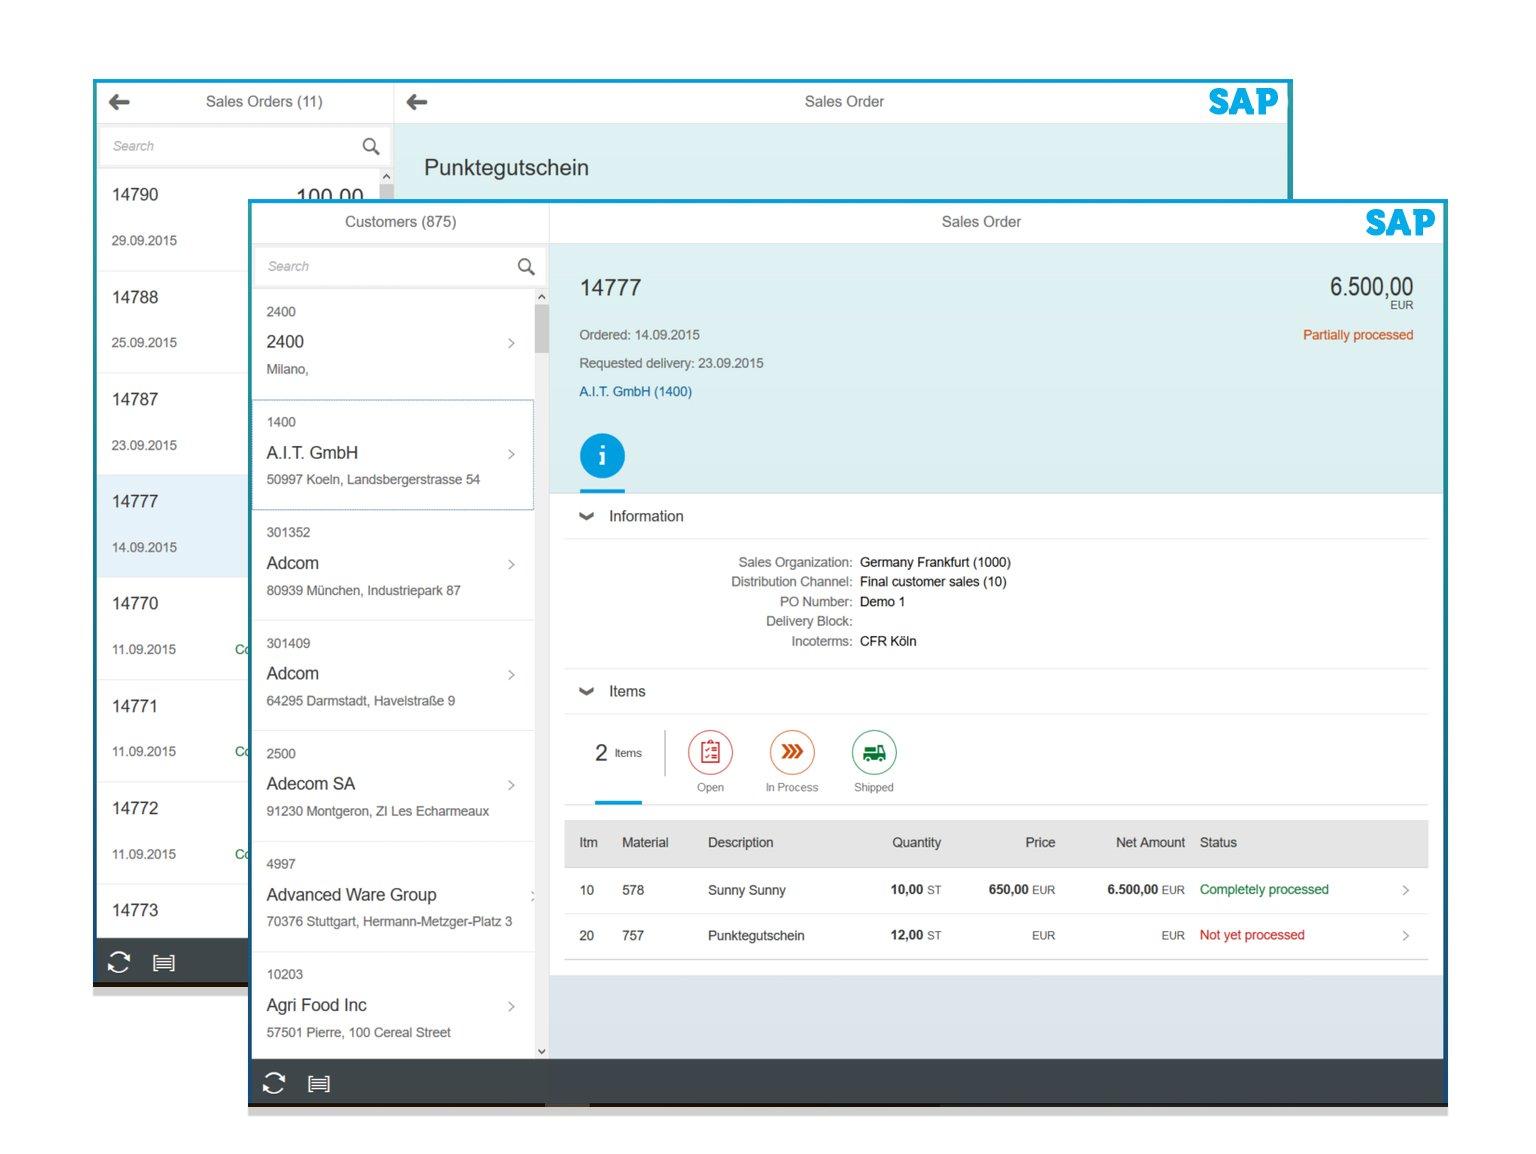 SAP Track Sales Order Fiori App Screenshot Fiori App Screenshot